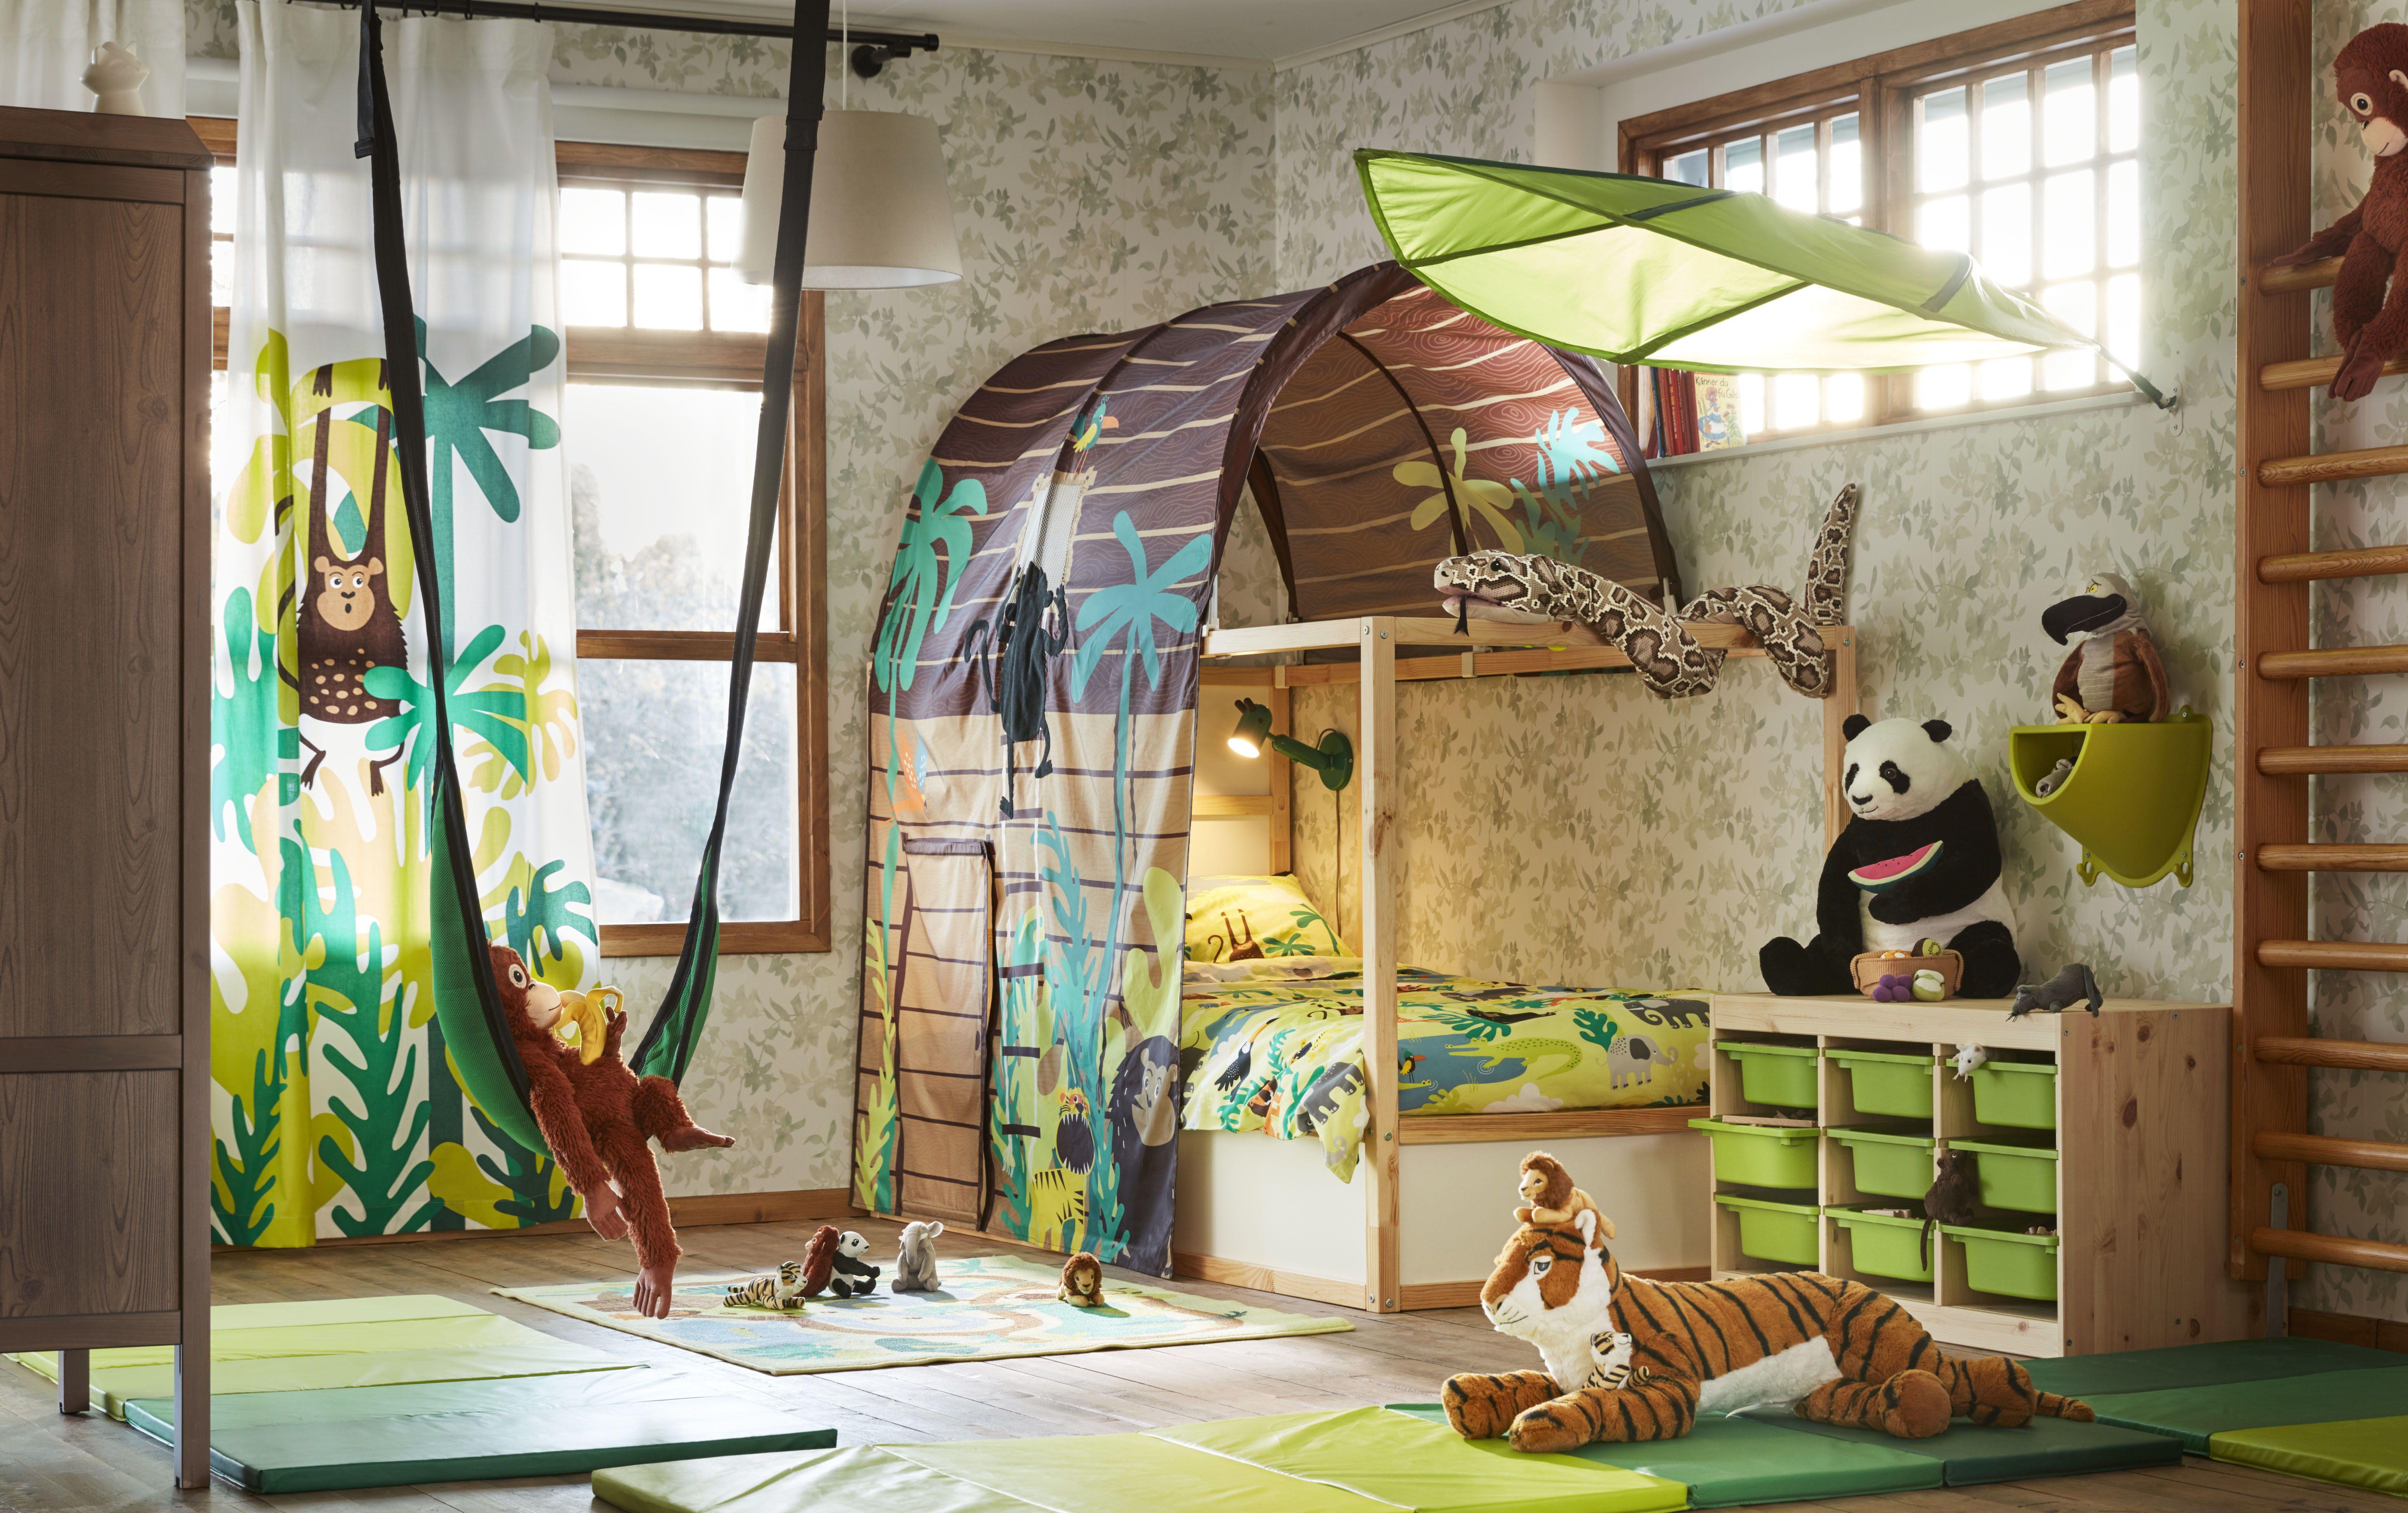 Djungelskog gordijnen met embrasse paar aap groen in